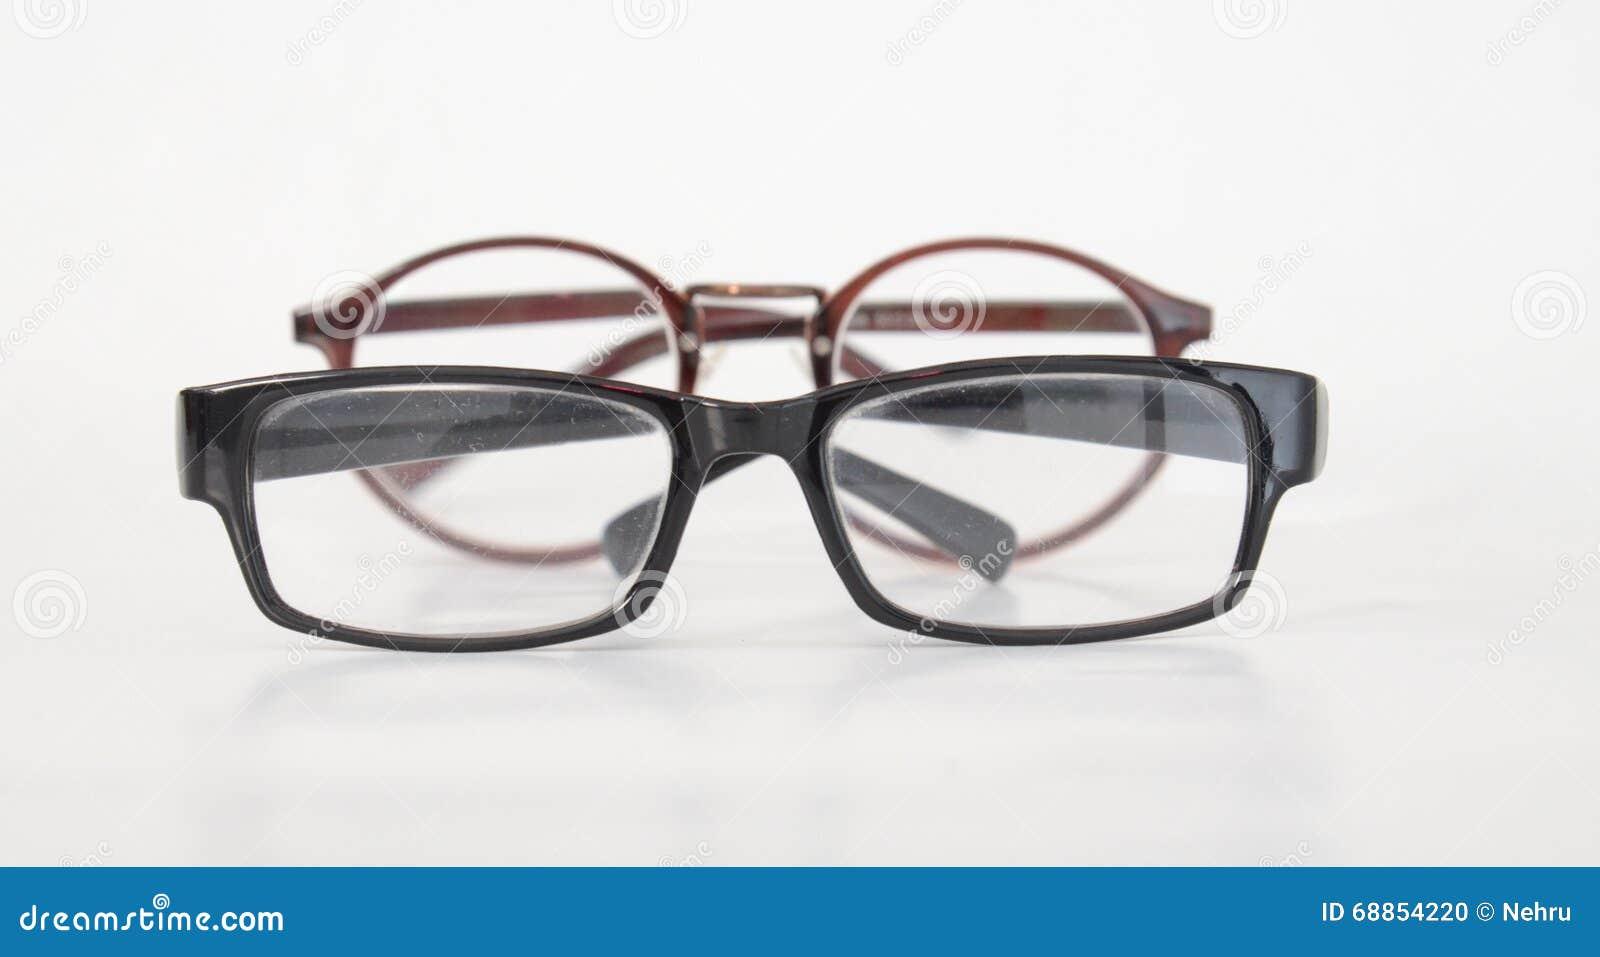 f1f97bd77a3ce6 Modebrillen Auf Einem Weißen Backfround Stockfoto - Bild von anblick ...